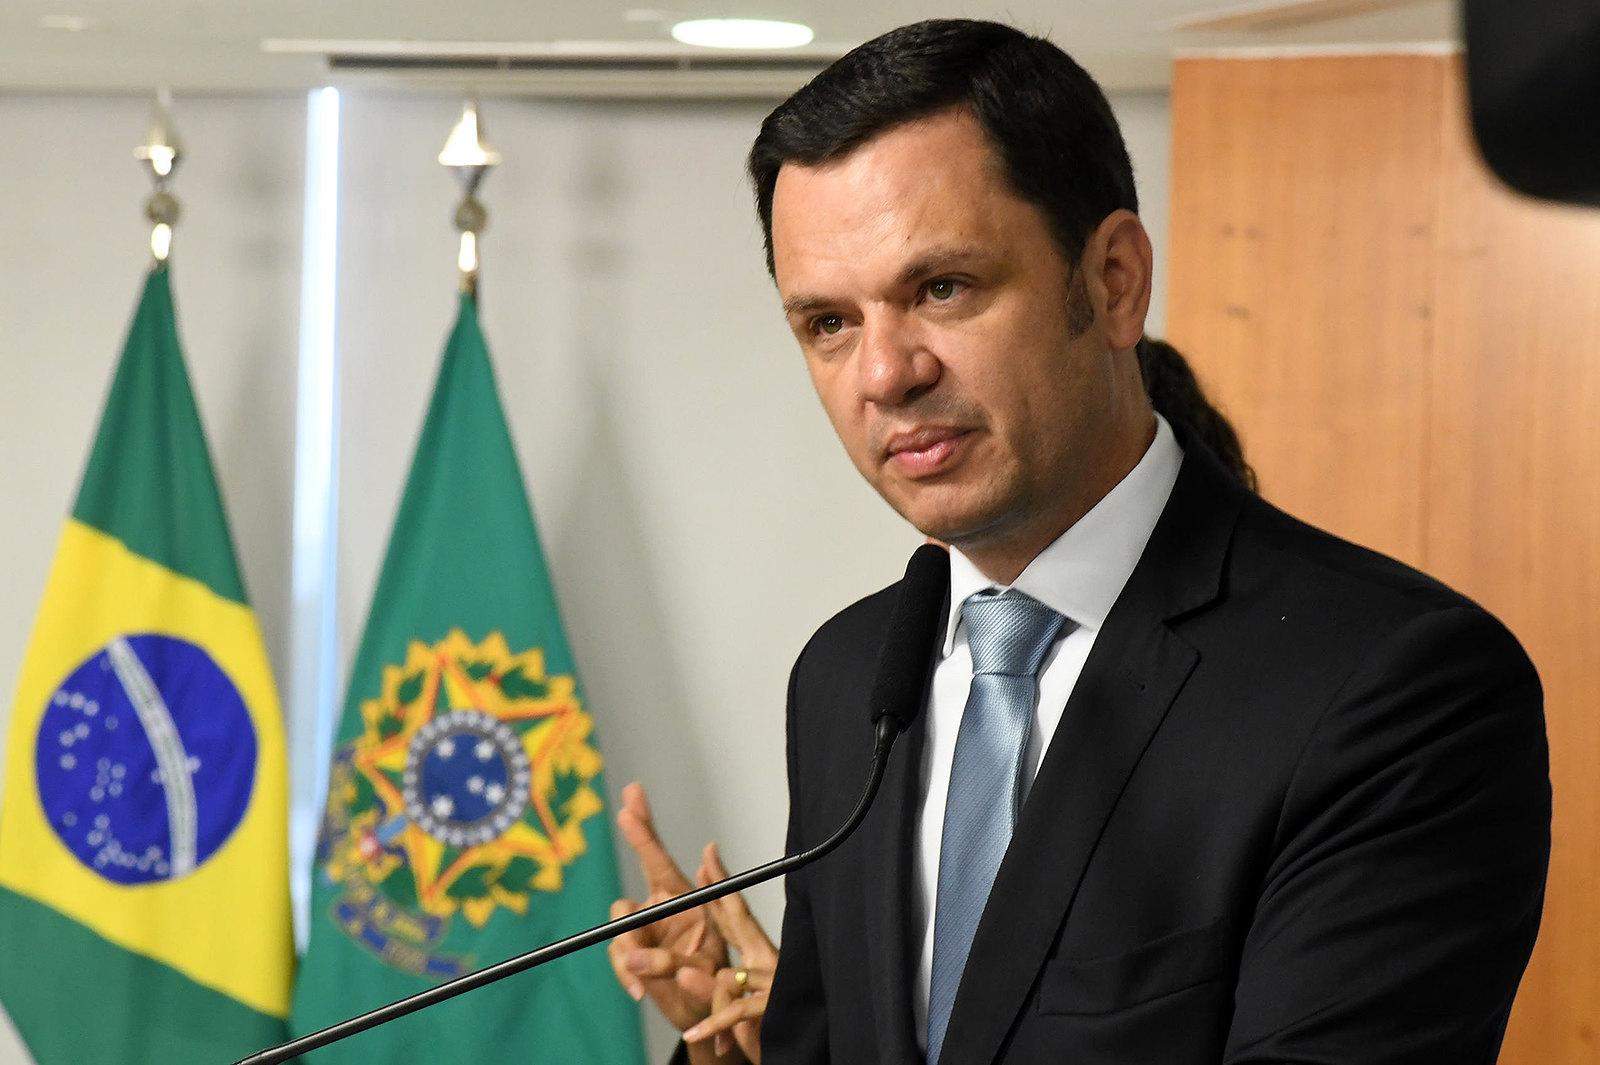 IMAGEM: Ministério da Justiça defende uso da LSN alegando que até STF recorre a ela